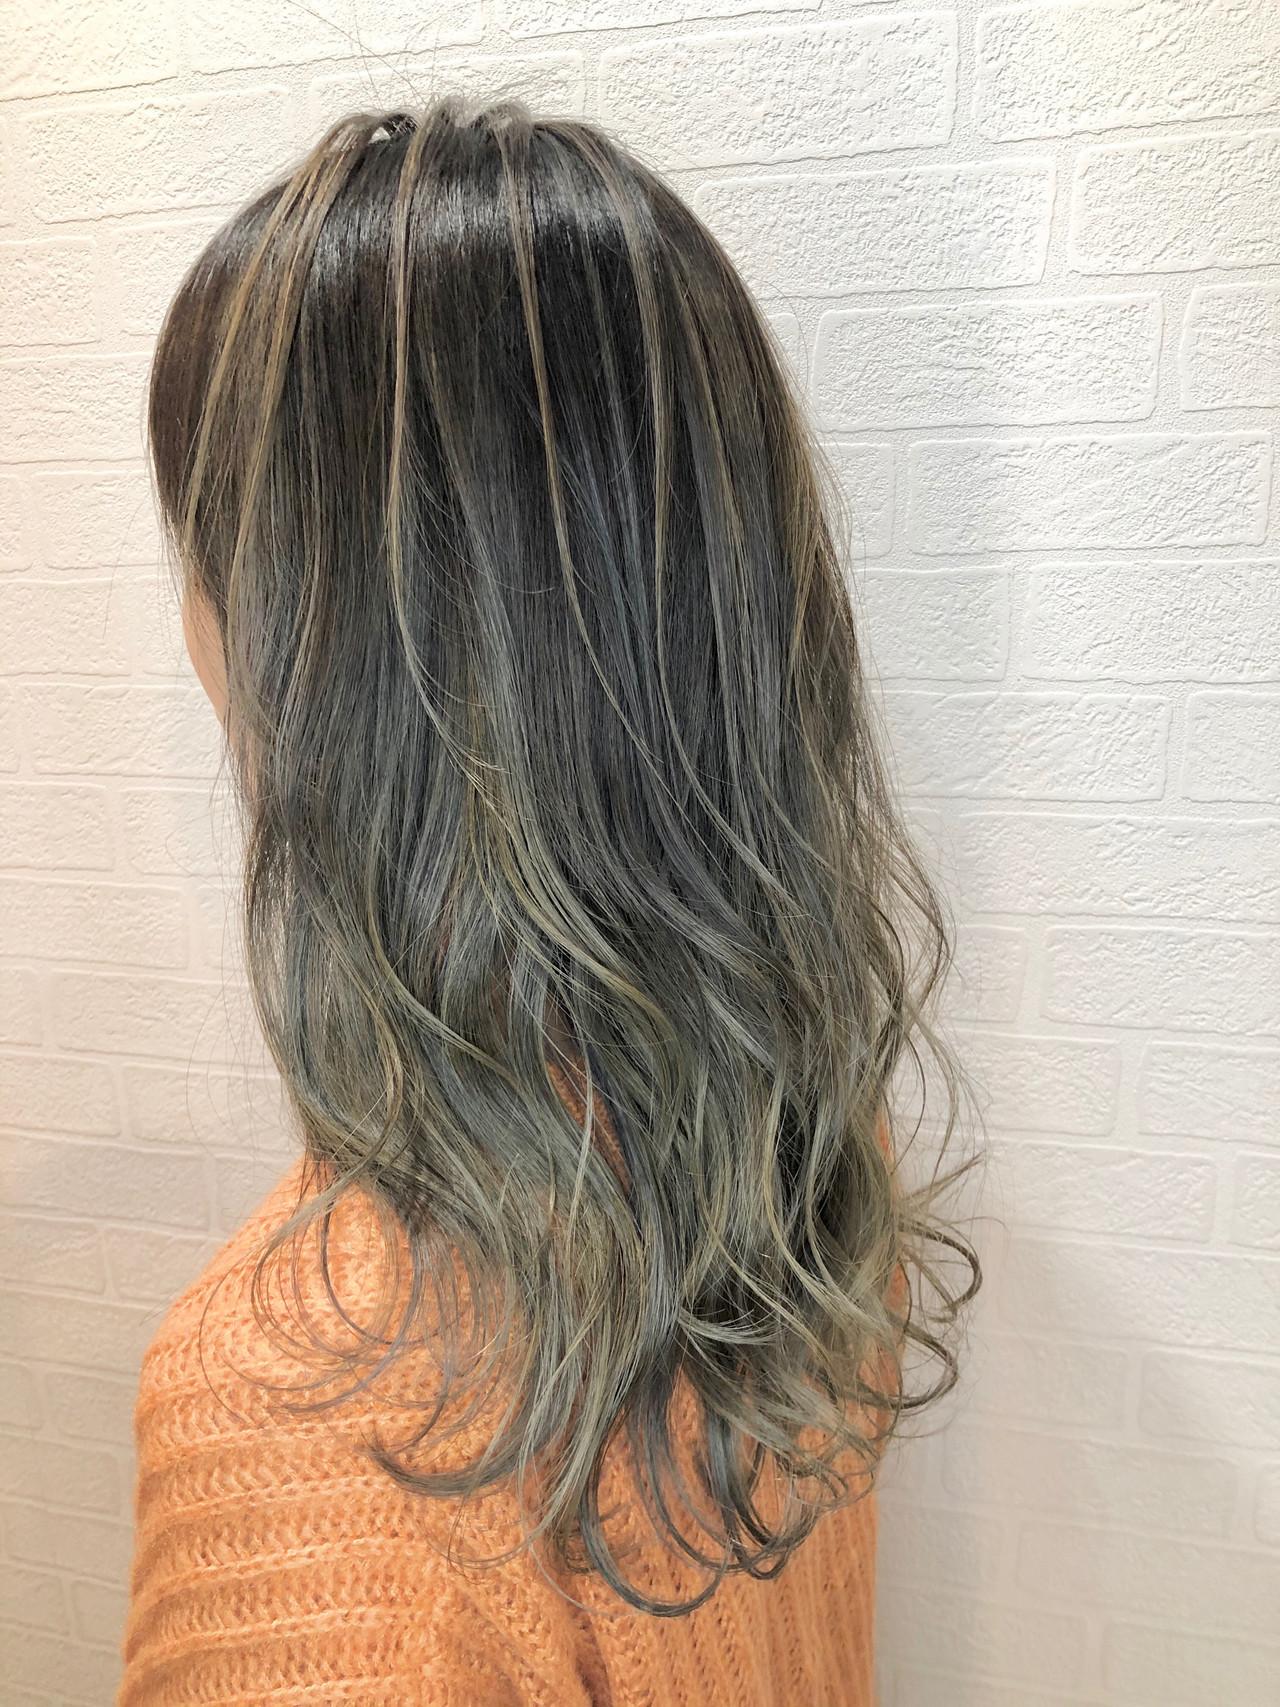 セミロング オリーブベージュ バレイヤージュ フェミニン ヘアスタイルや髪型の写真・画像